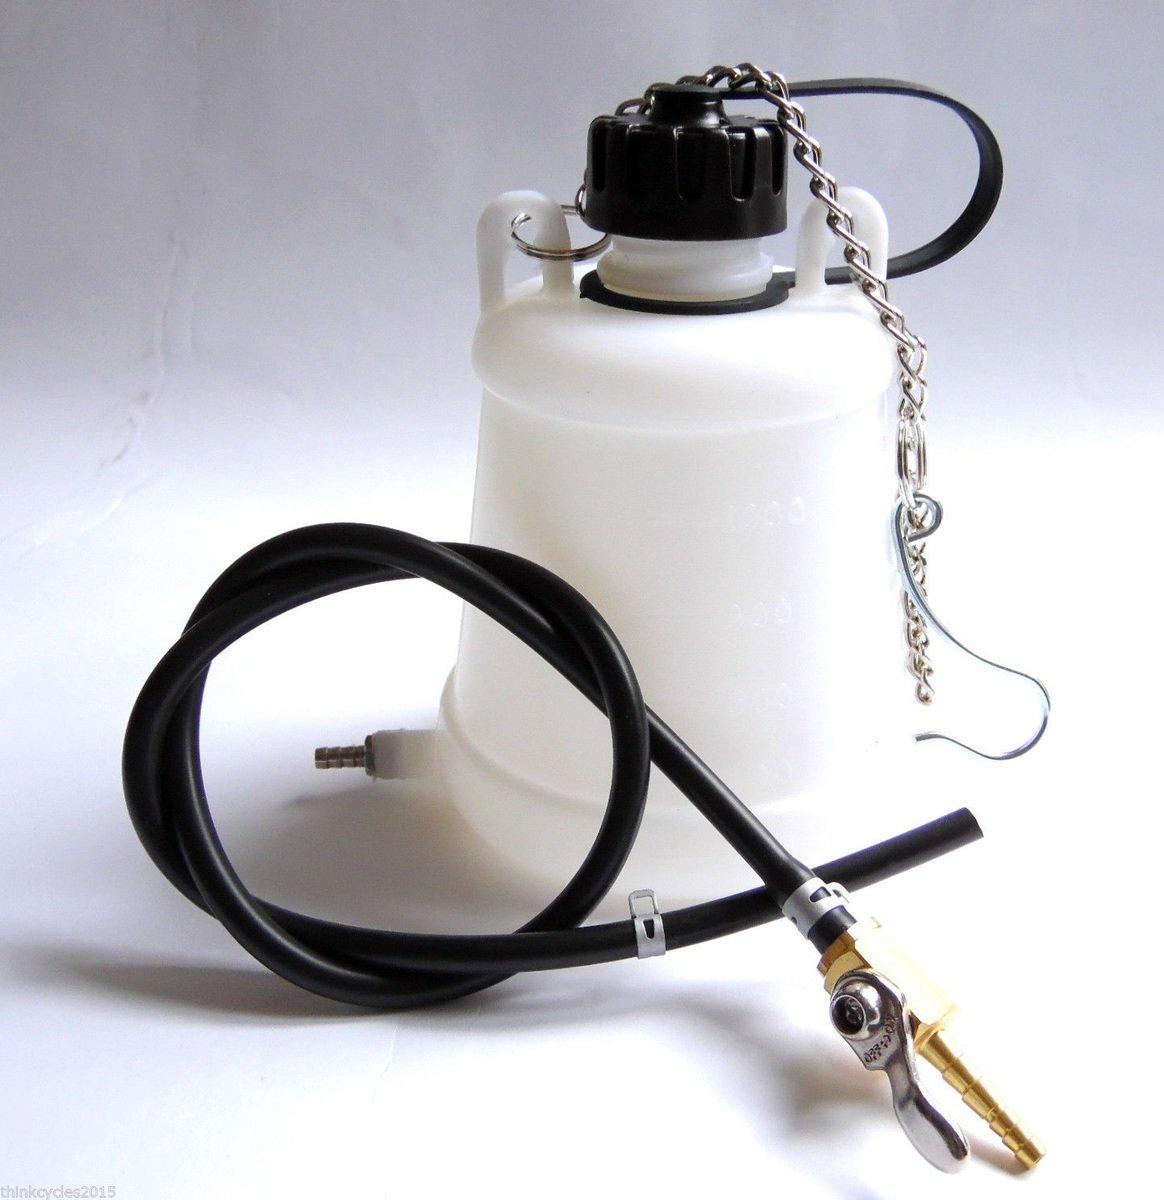 Pomocná nádobka na benzín, nádržka 1L + kohout